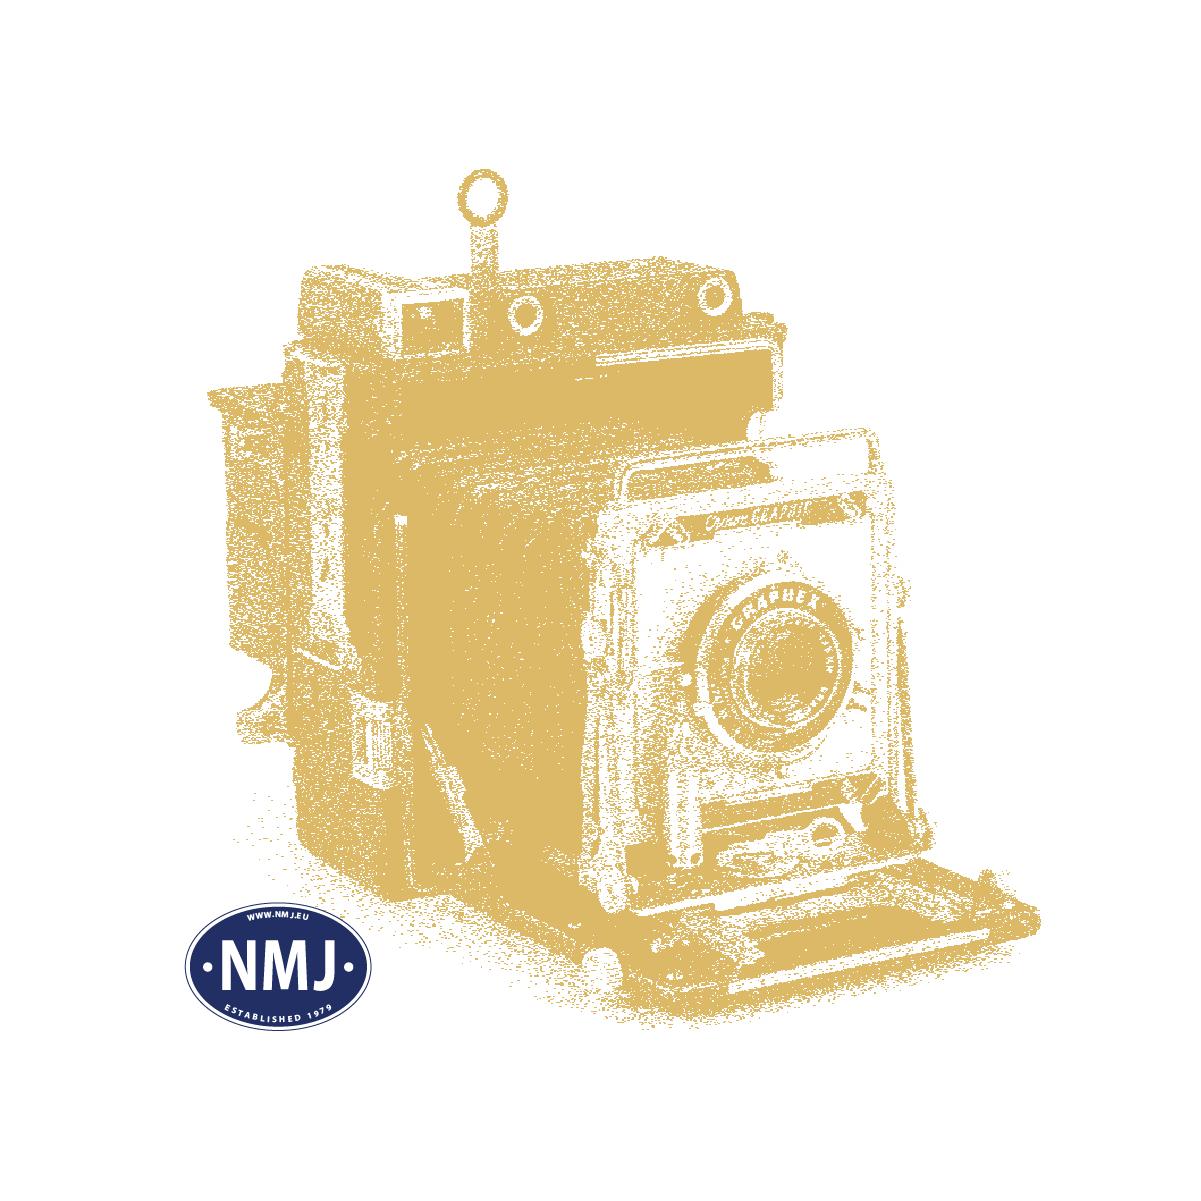 NMJ0T4-2 - NMJ Superline NSB Kbmp 21 76 312 7601-1, 0-Scala